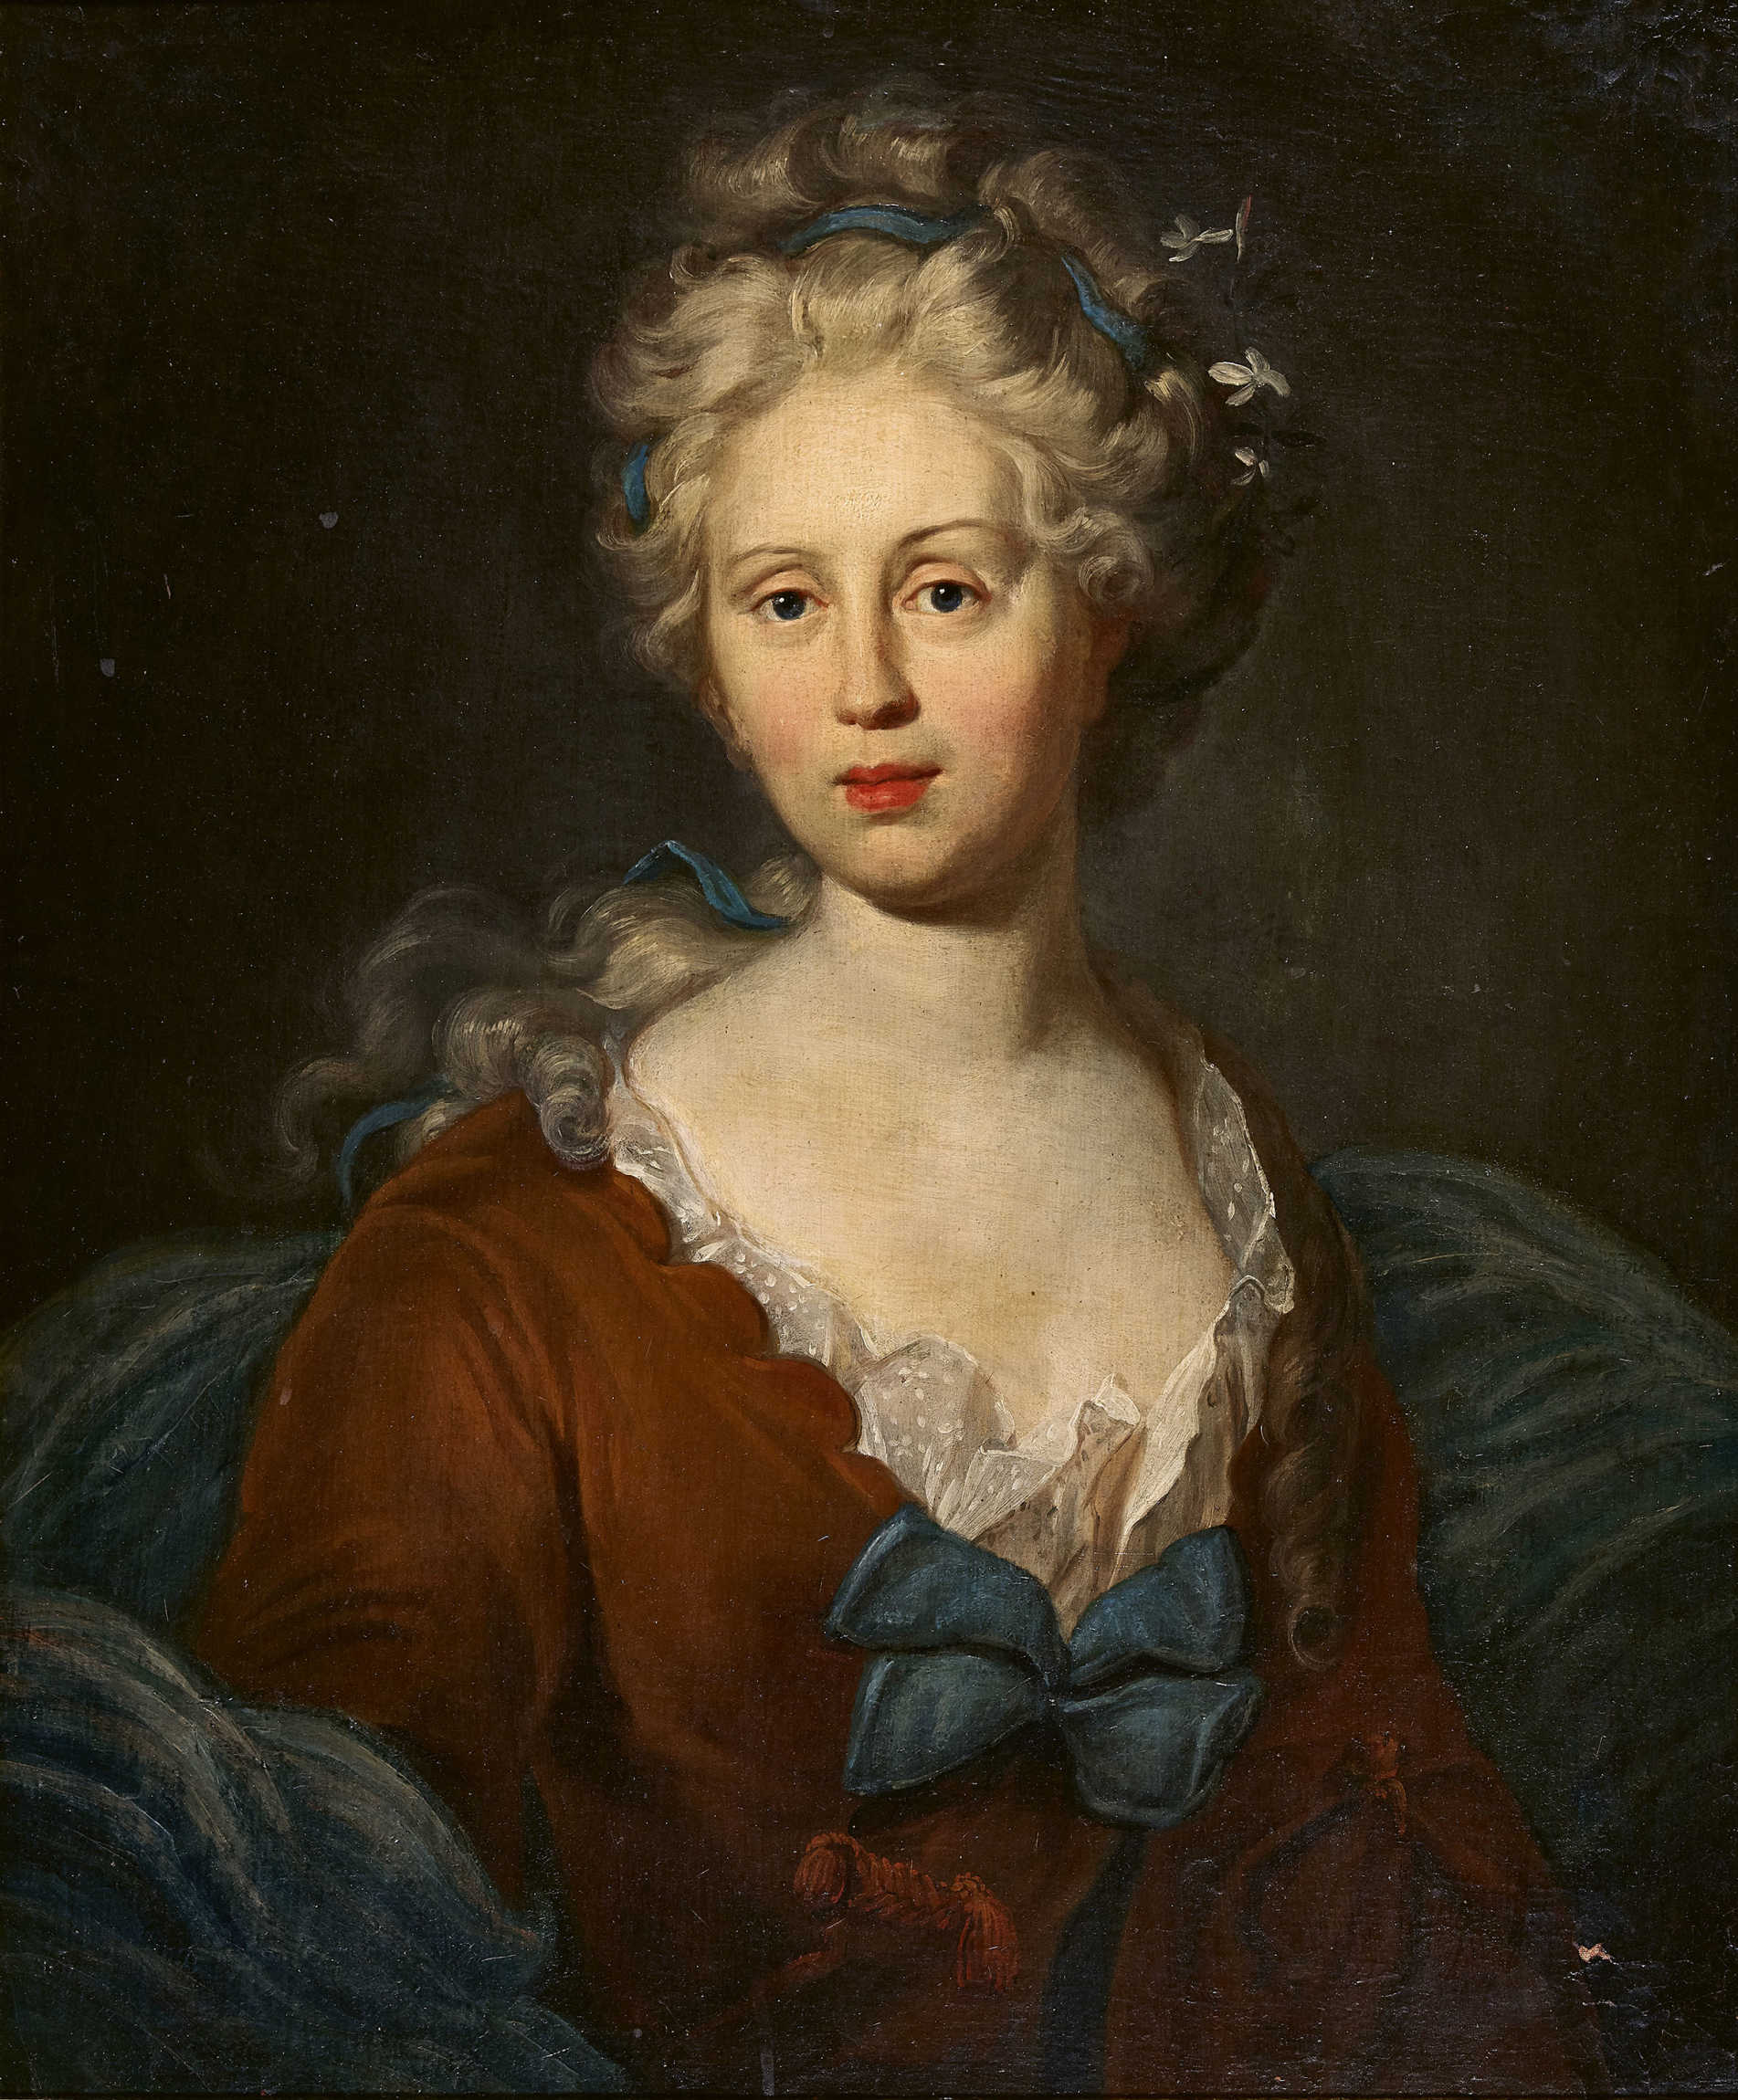 Lot 4 - SCHWEIZ, 18. JH.Brustbildnis einer Dame mit Haarband.Öl auf Leinwand, doubliert,68x57 cm- - -22.00 %